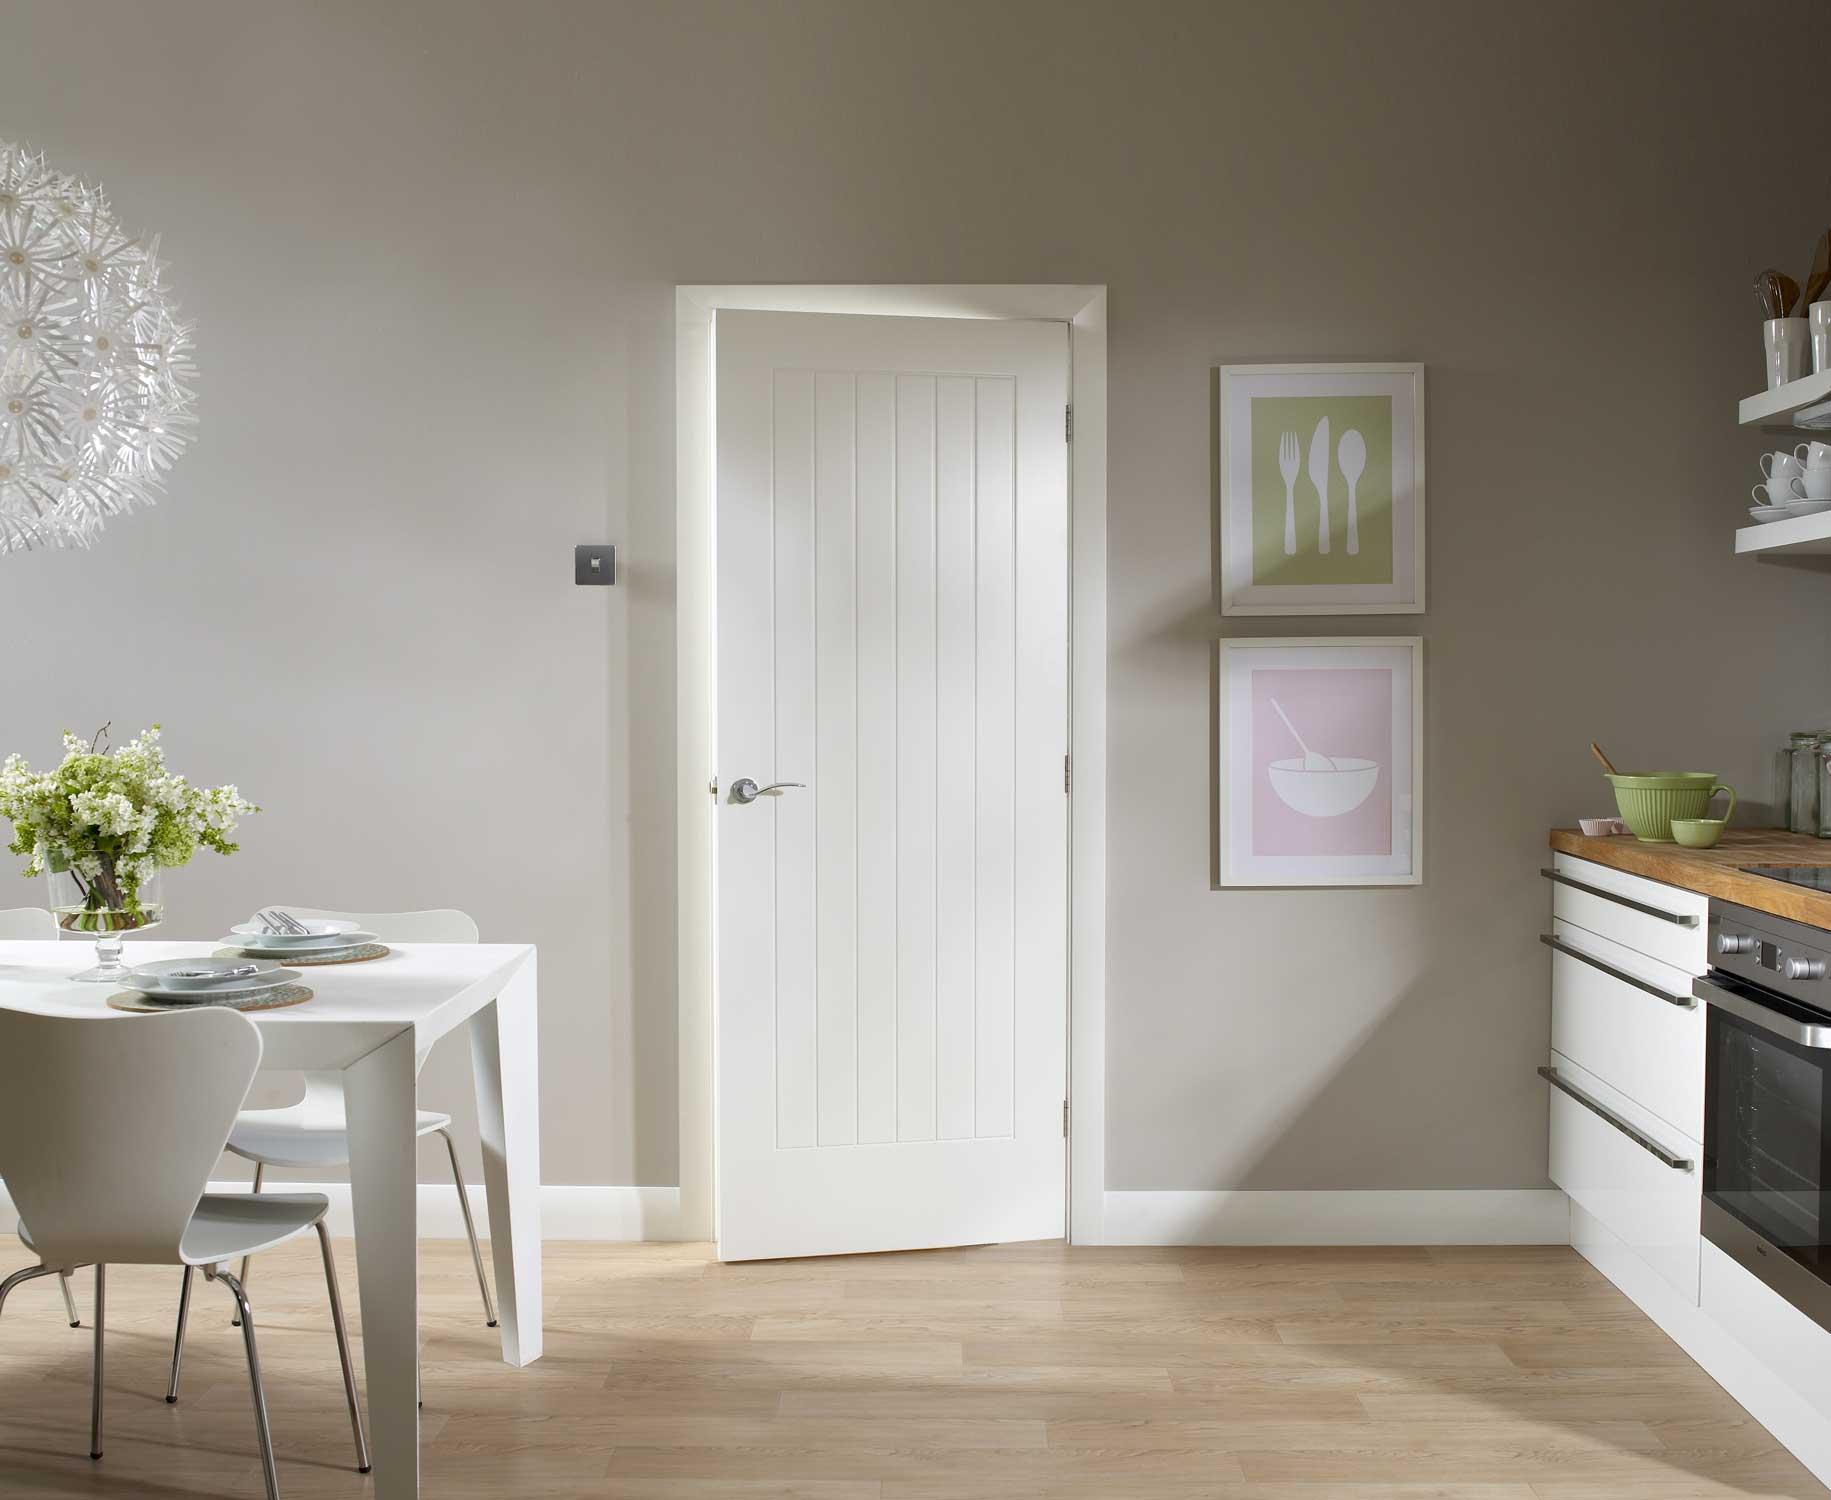 Белые двери в интерьере квартиры: с чем сочетать, реальные фото